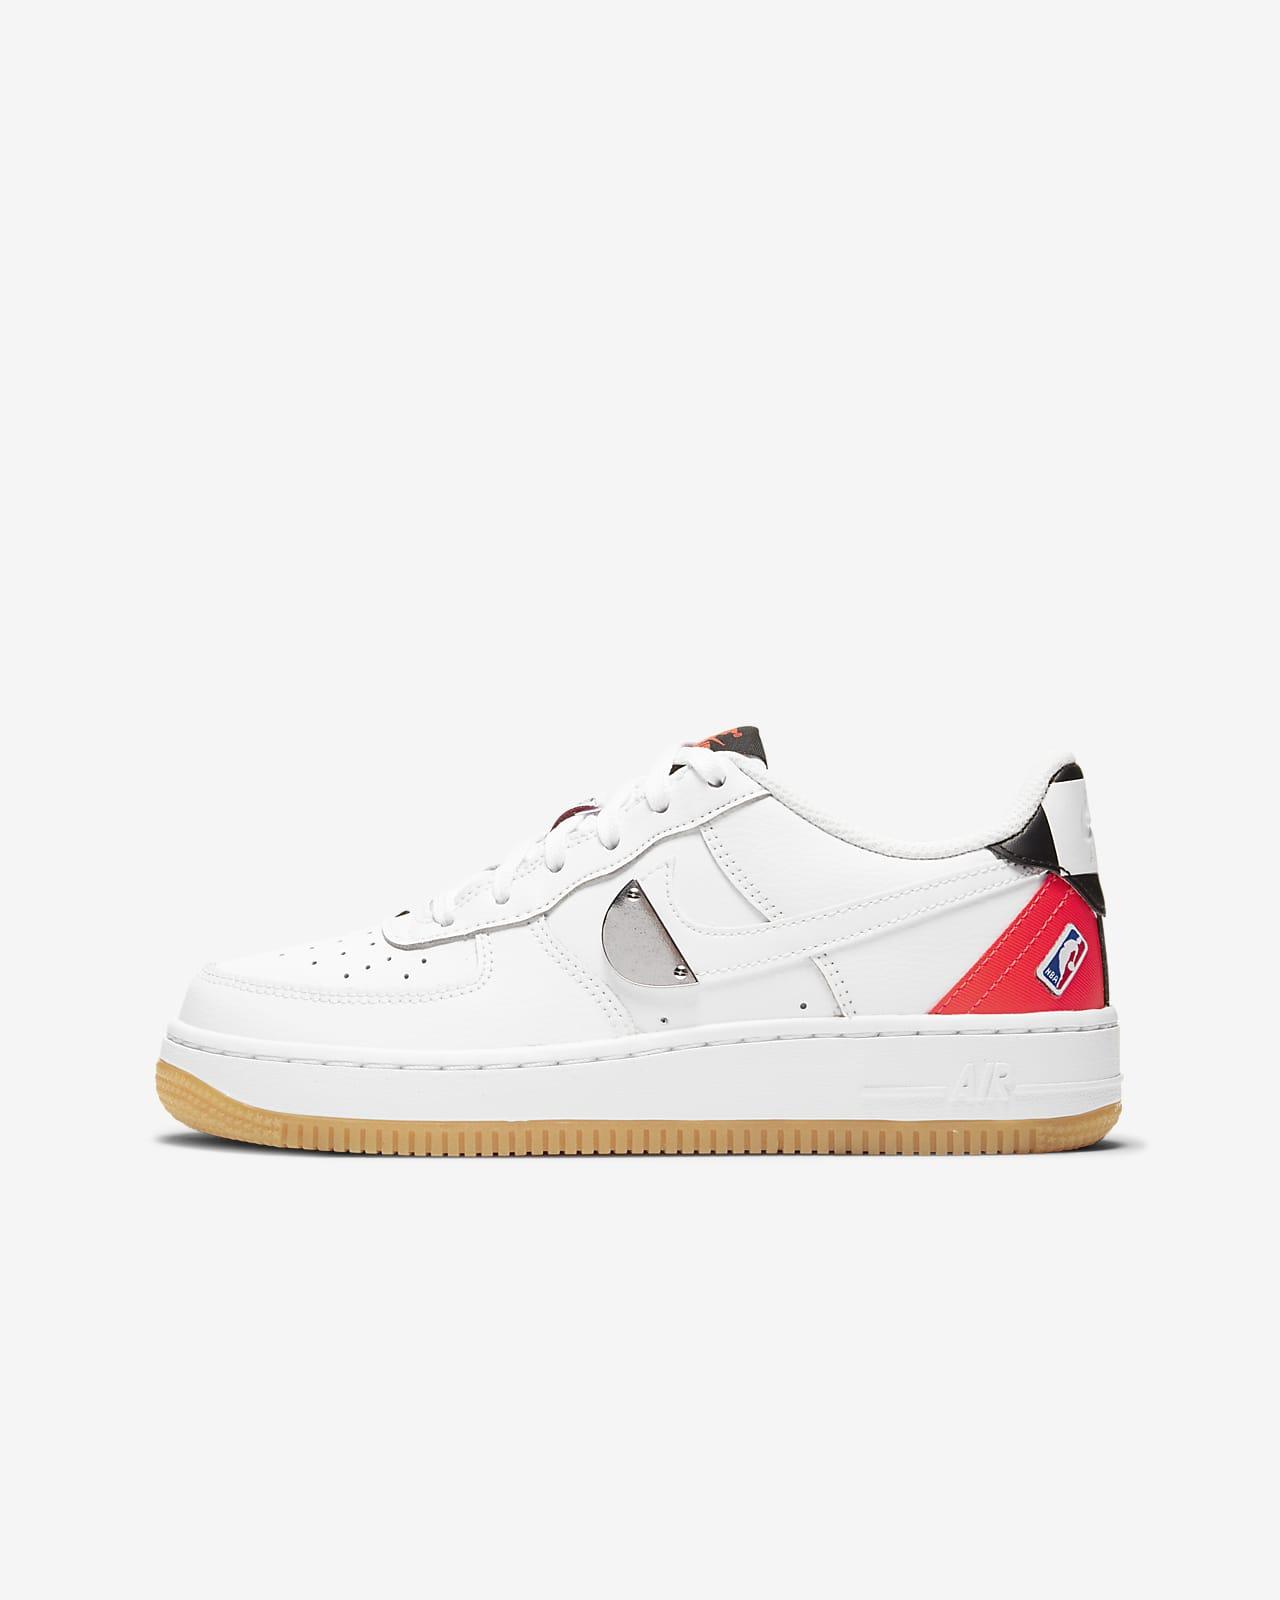 Nike Air Force 1 LV8 1 Genç Çocuk Ayakkabısı